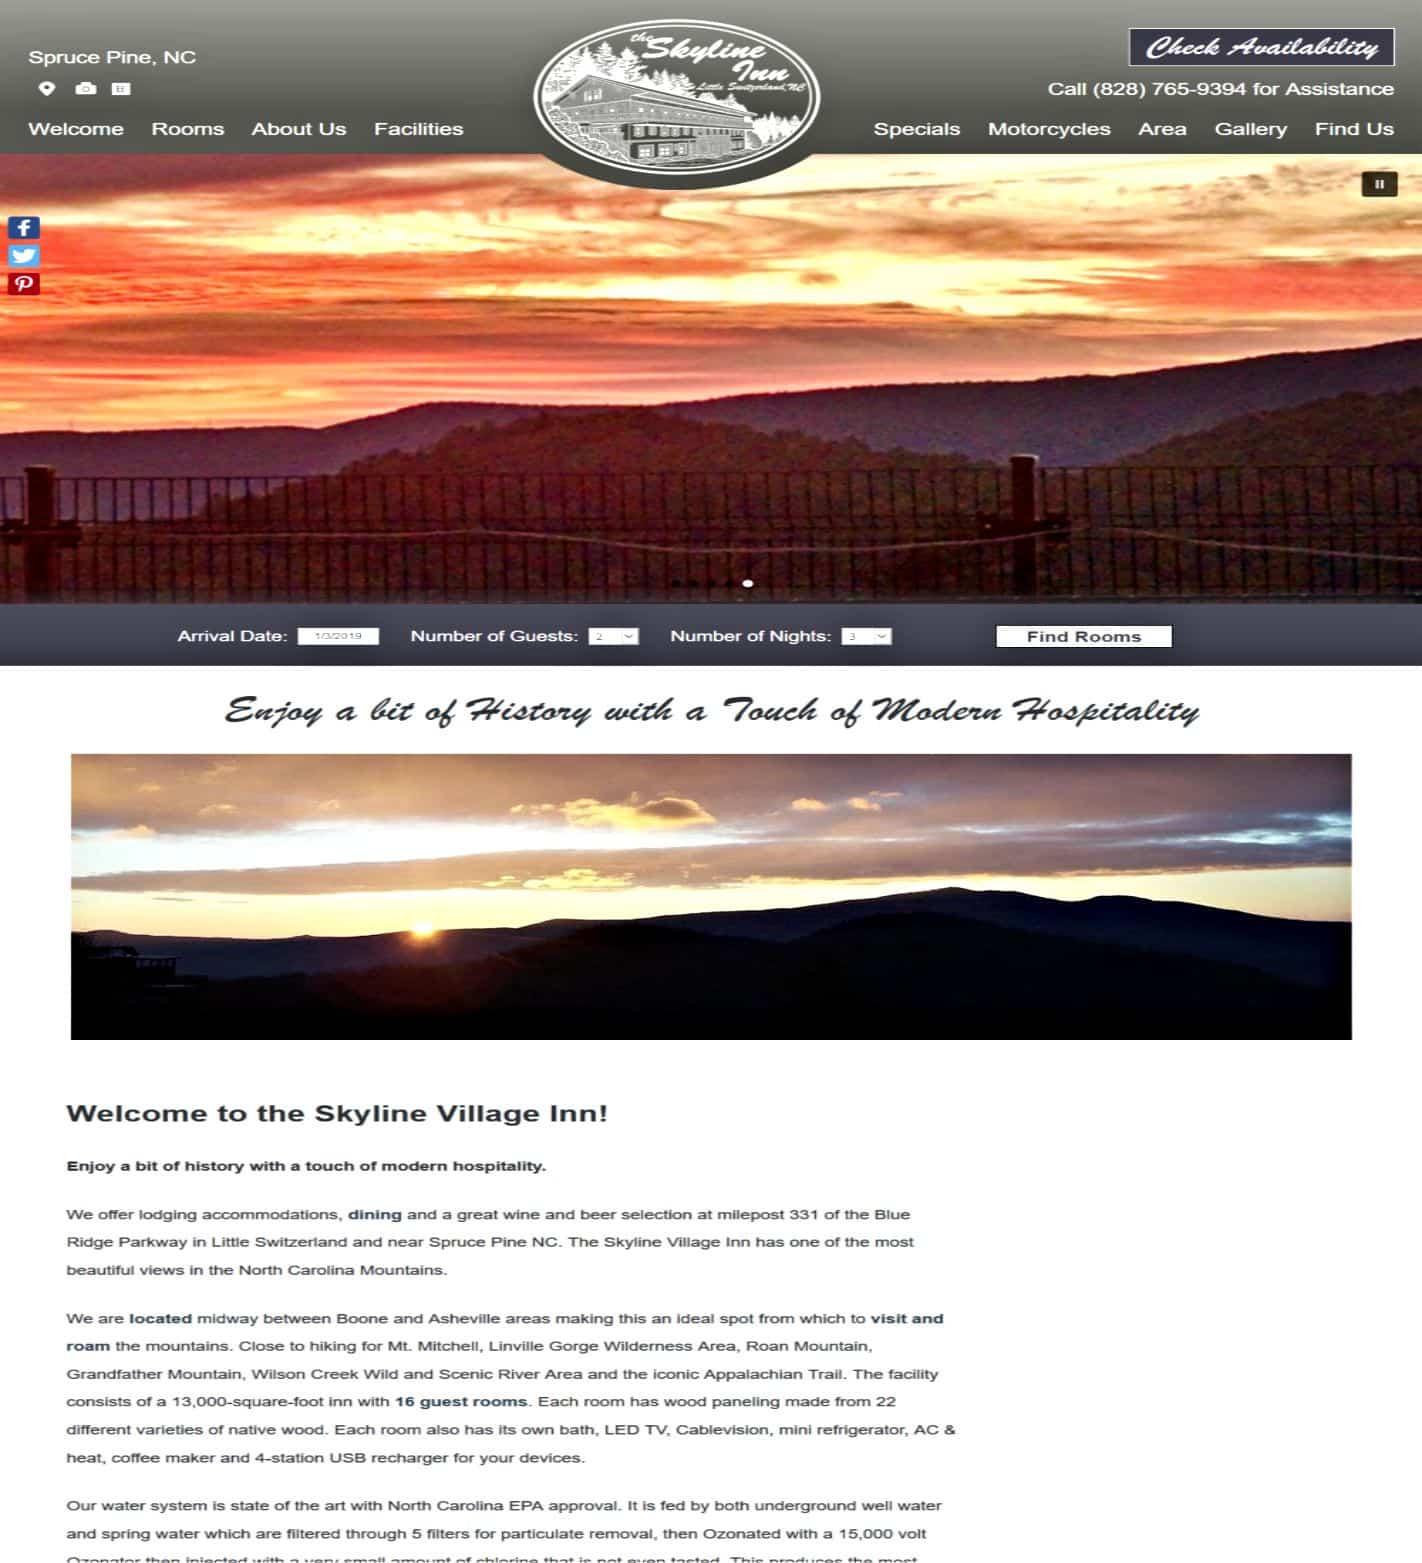 Skyline Village Inn website home page